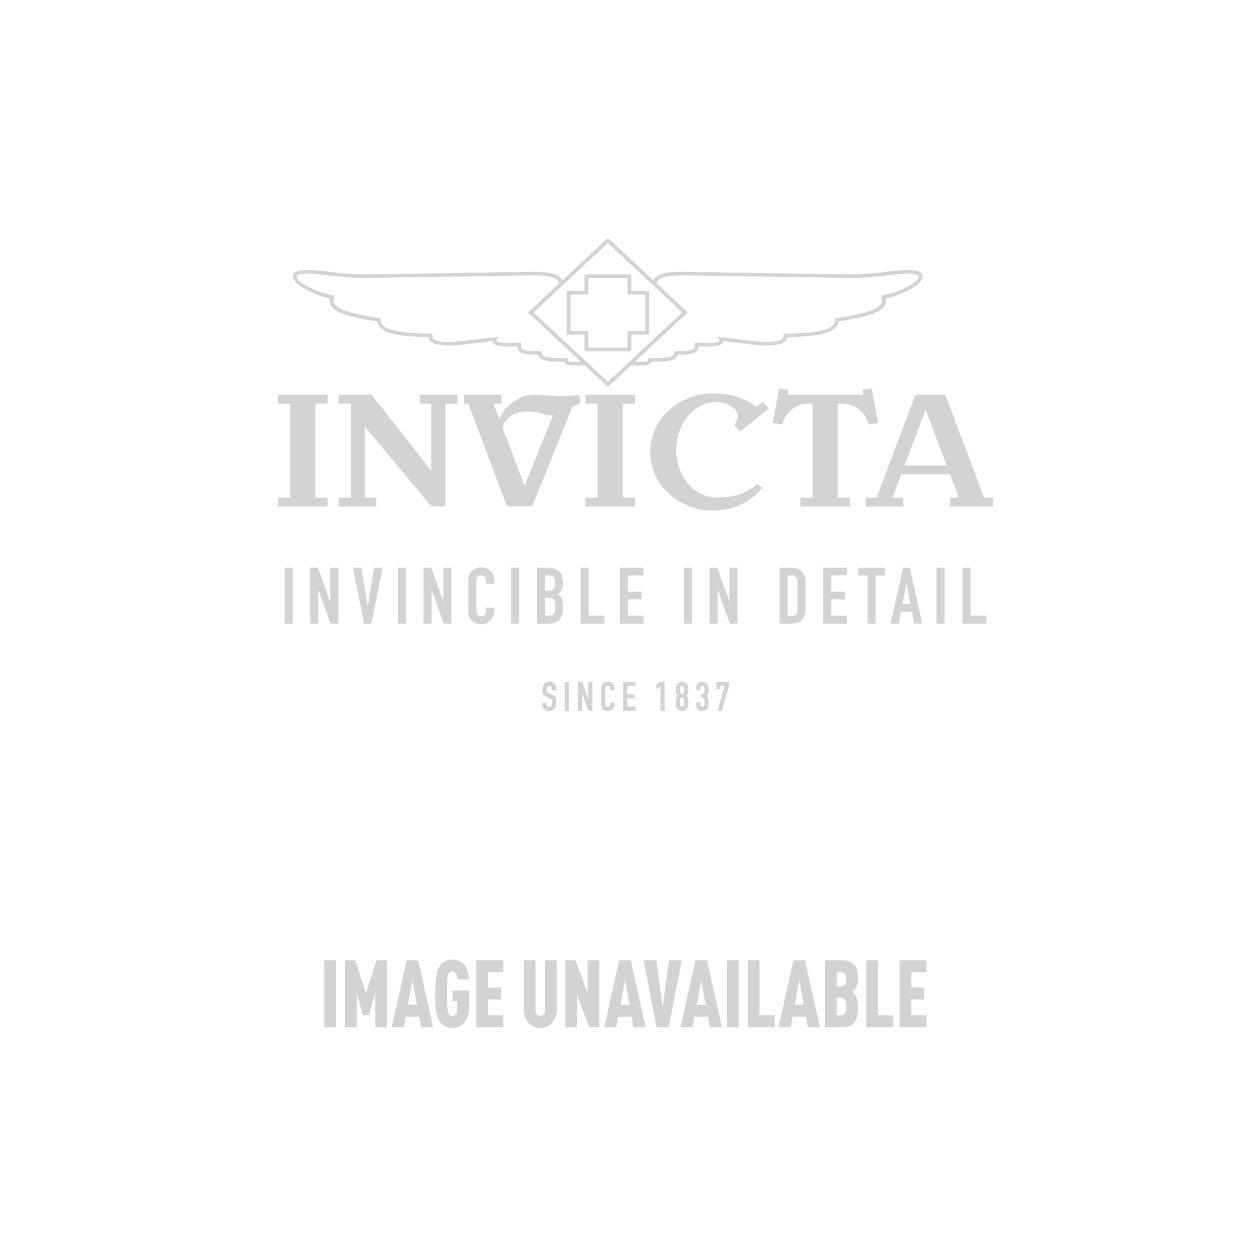 Invicta Model 27222